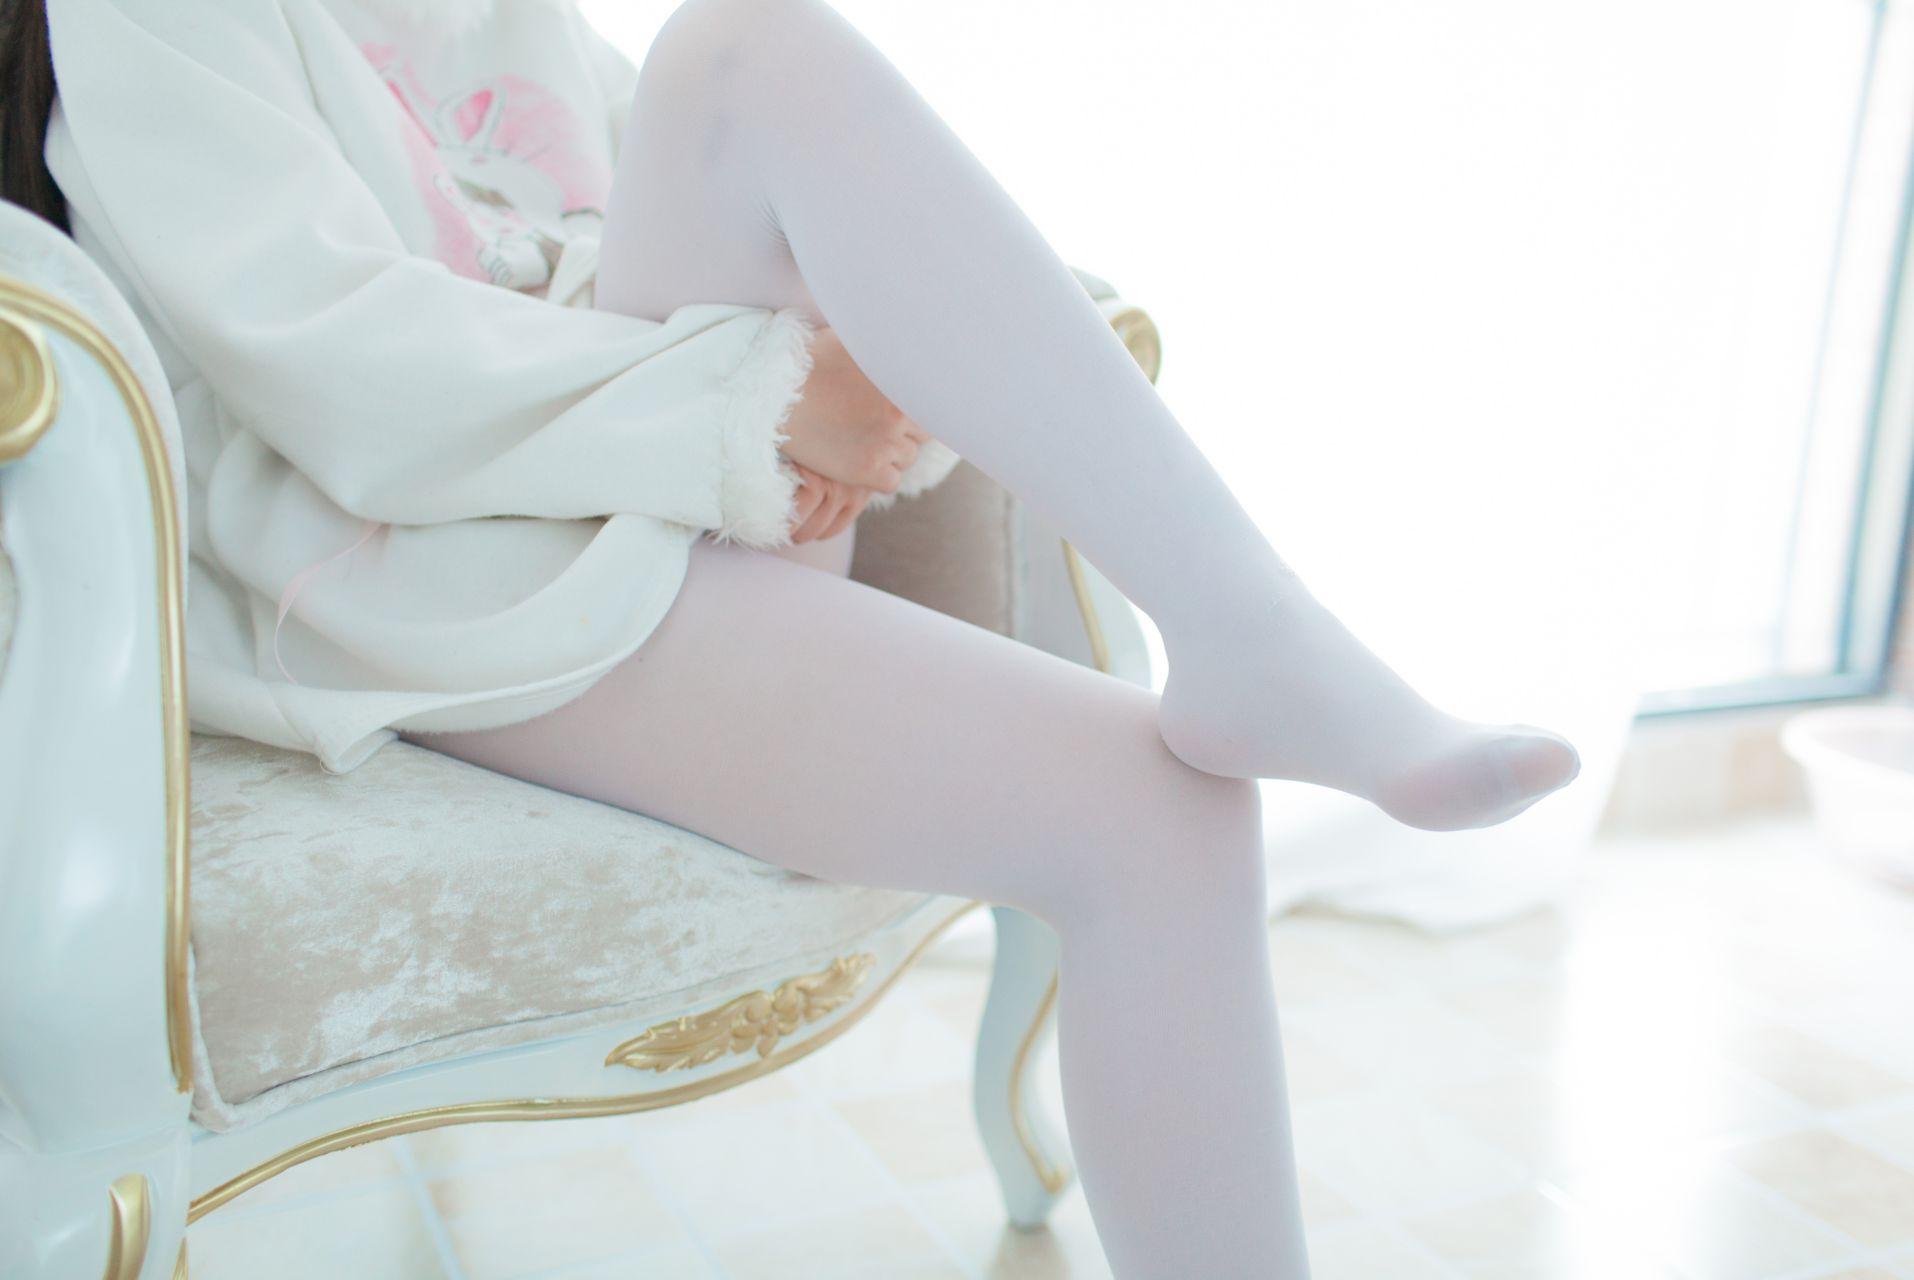 少女秩序 VOL.016 无法拒绝的白丝 兔玩映画 第36张